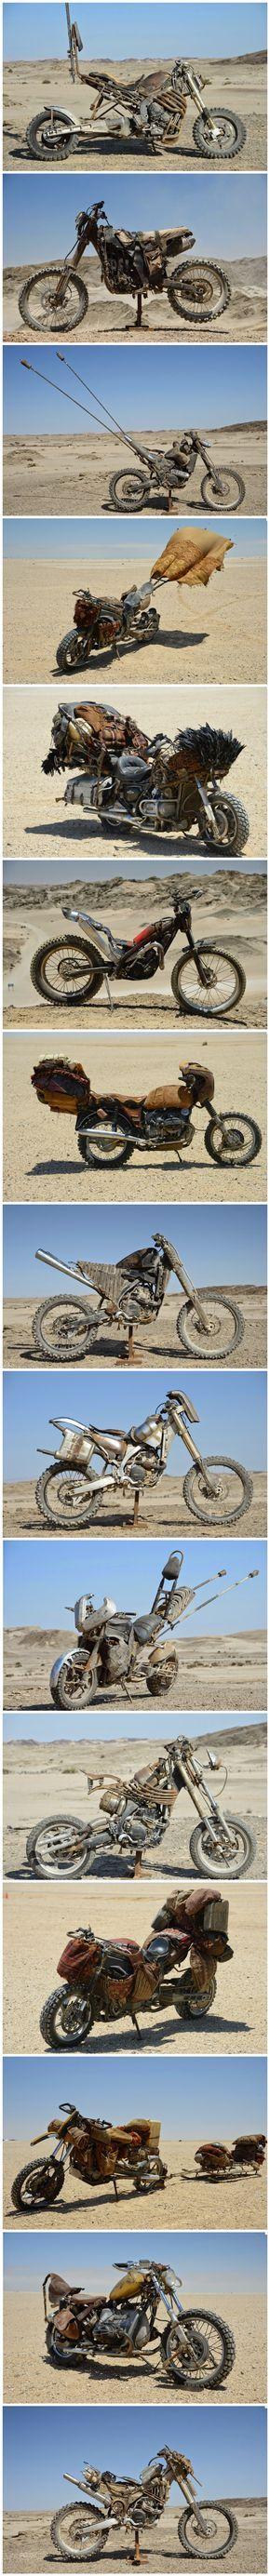 Las motocicletas personalizadas de Mad Max: Fury Road - Imgur